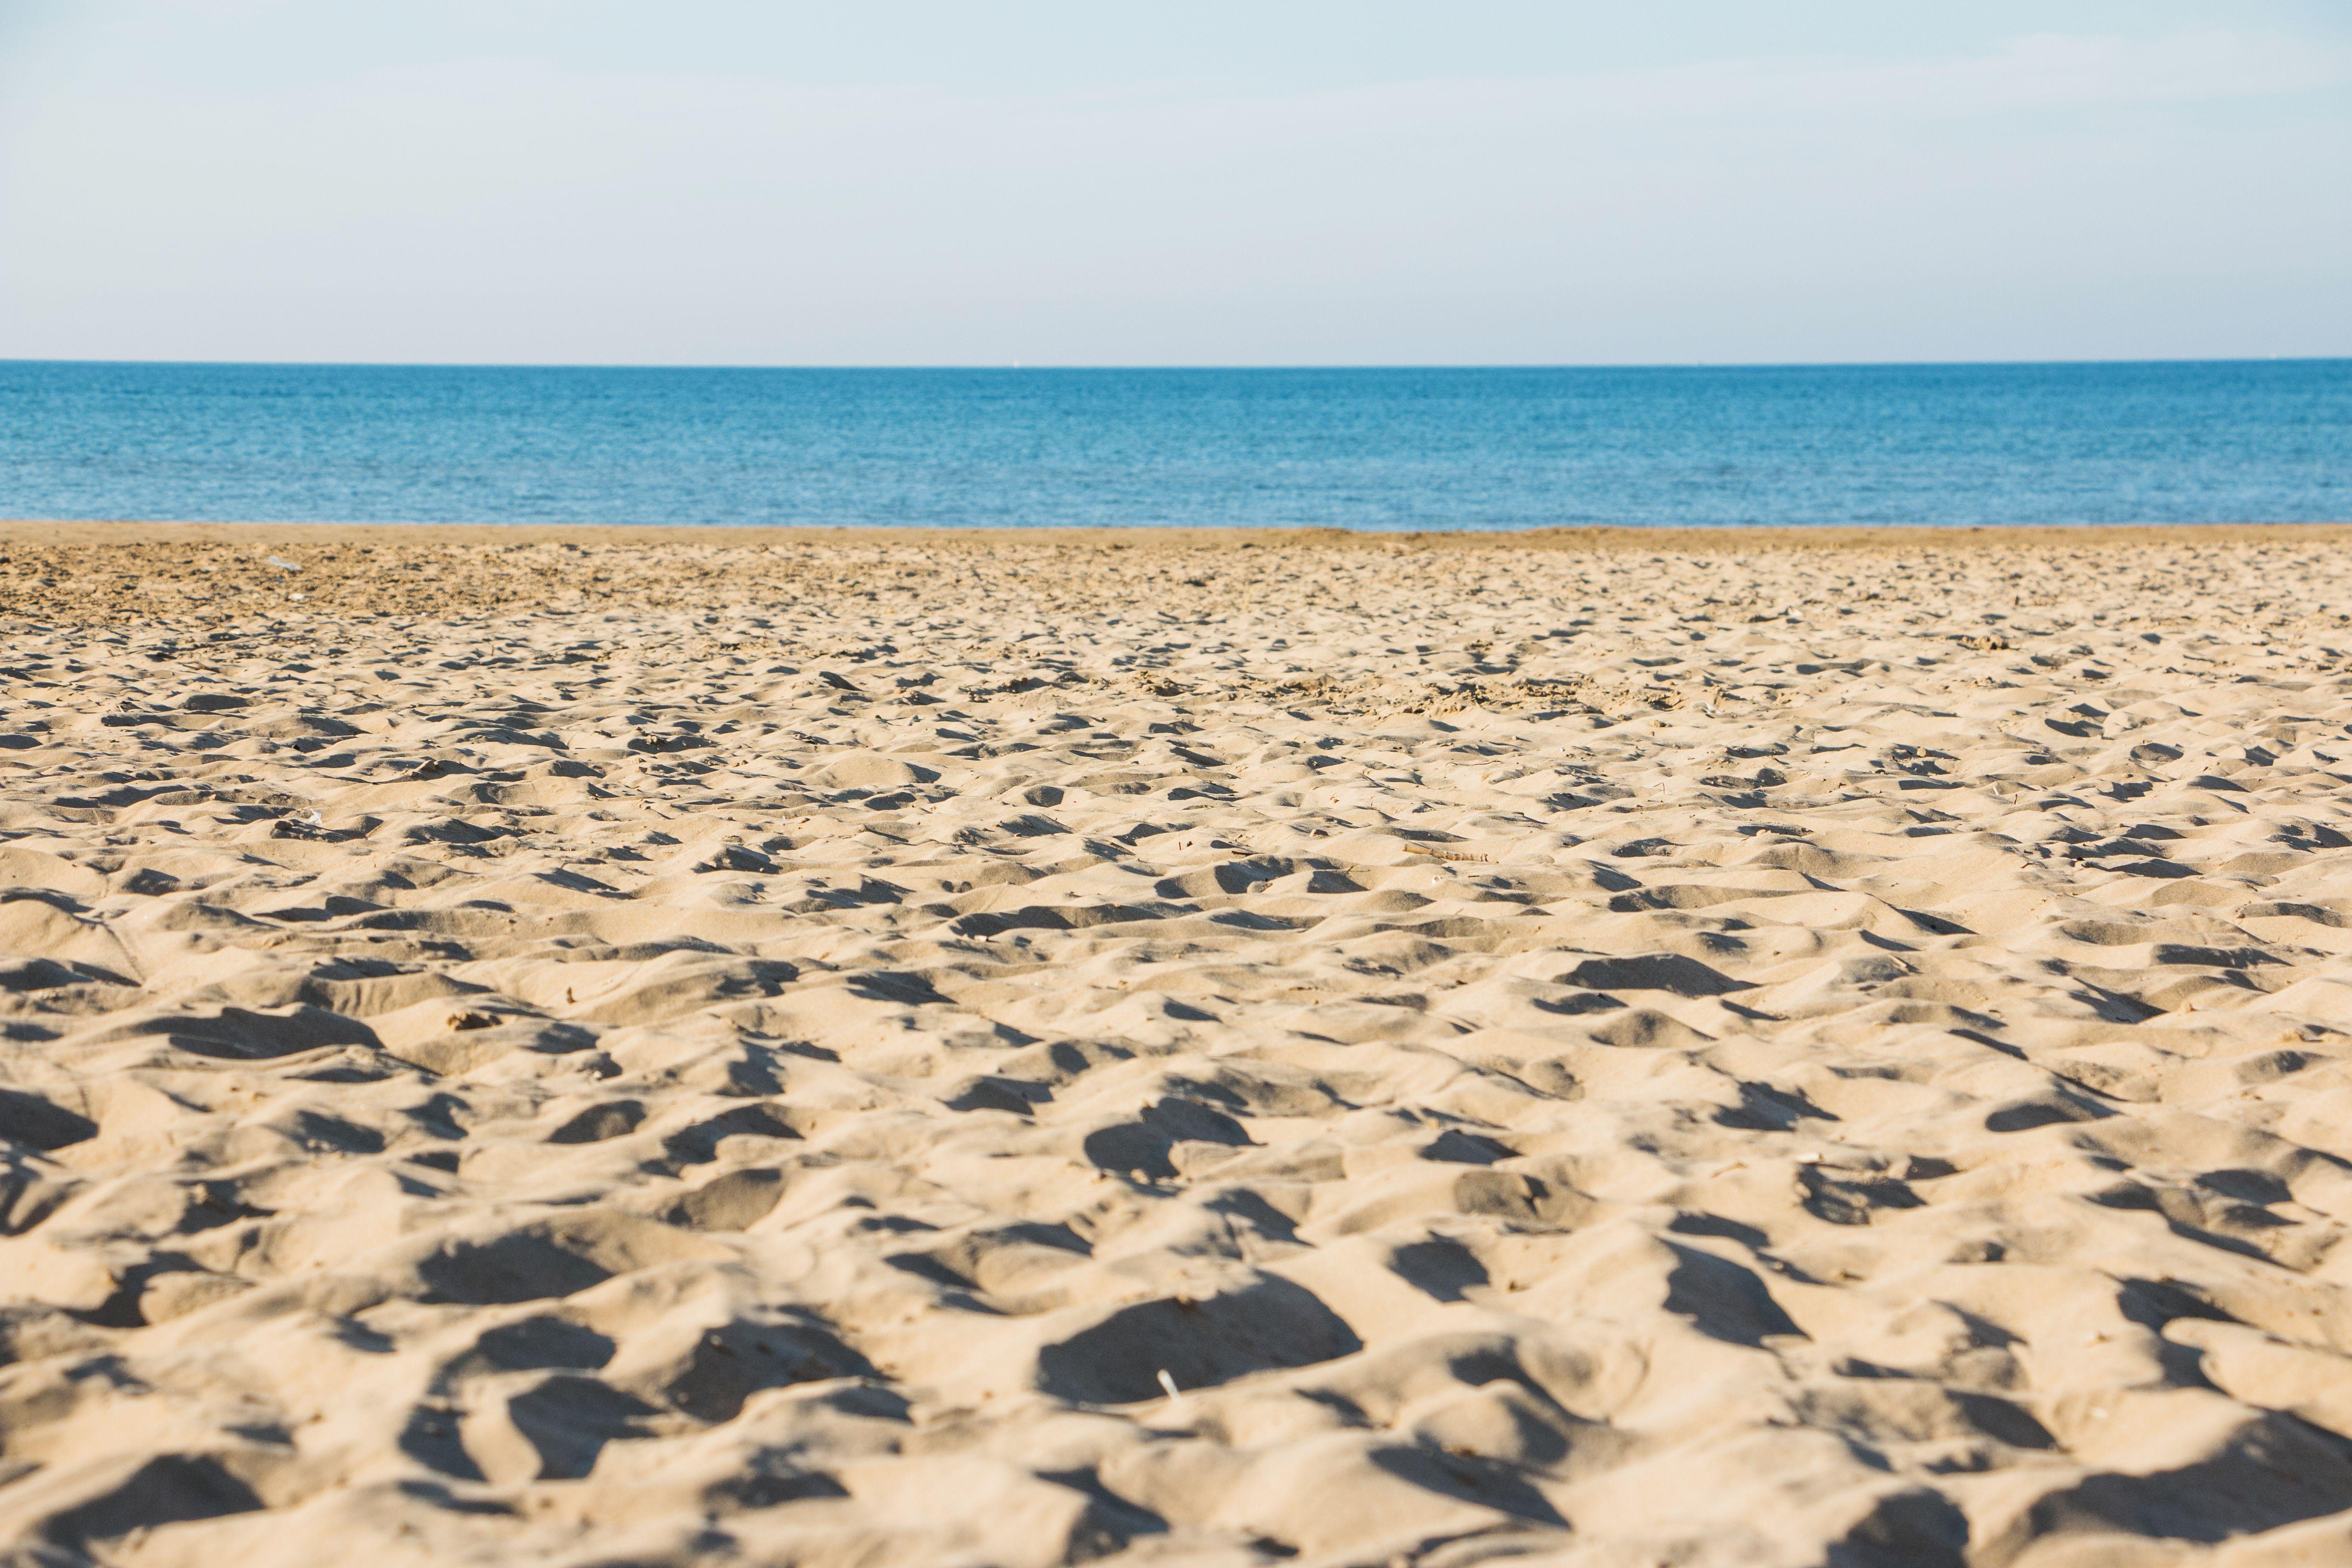 Habitos-ciudadanos-en-las-playas-del-mediterraneo-playas-limpias-ECOVIDRIO